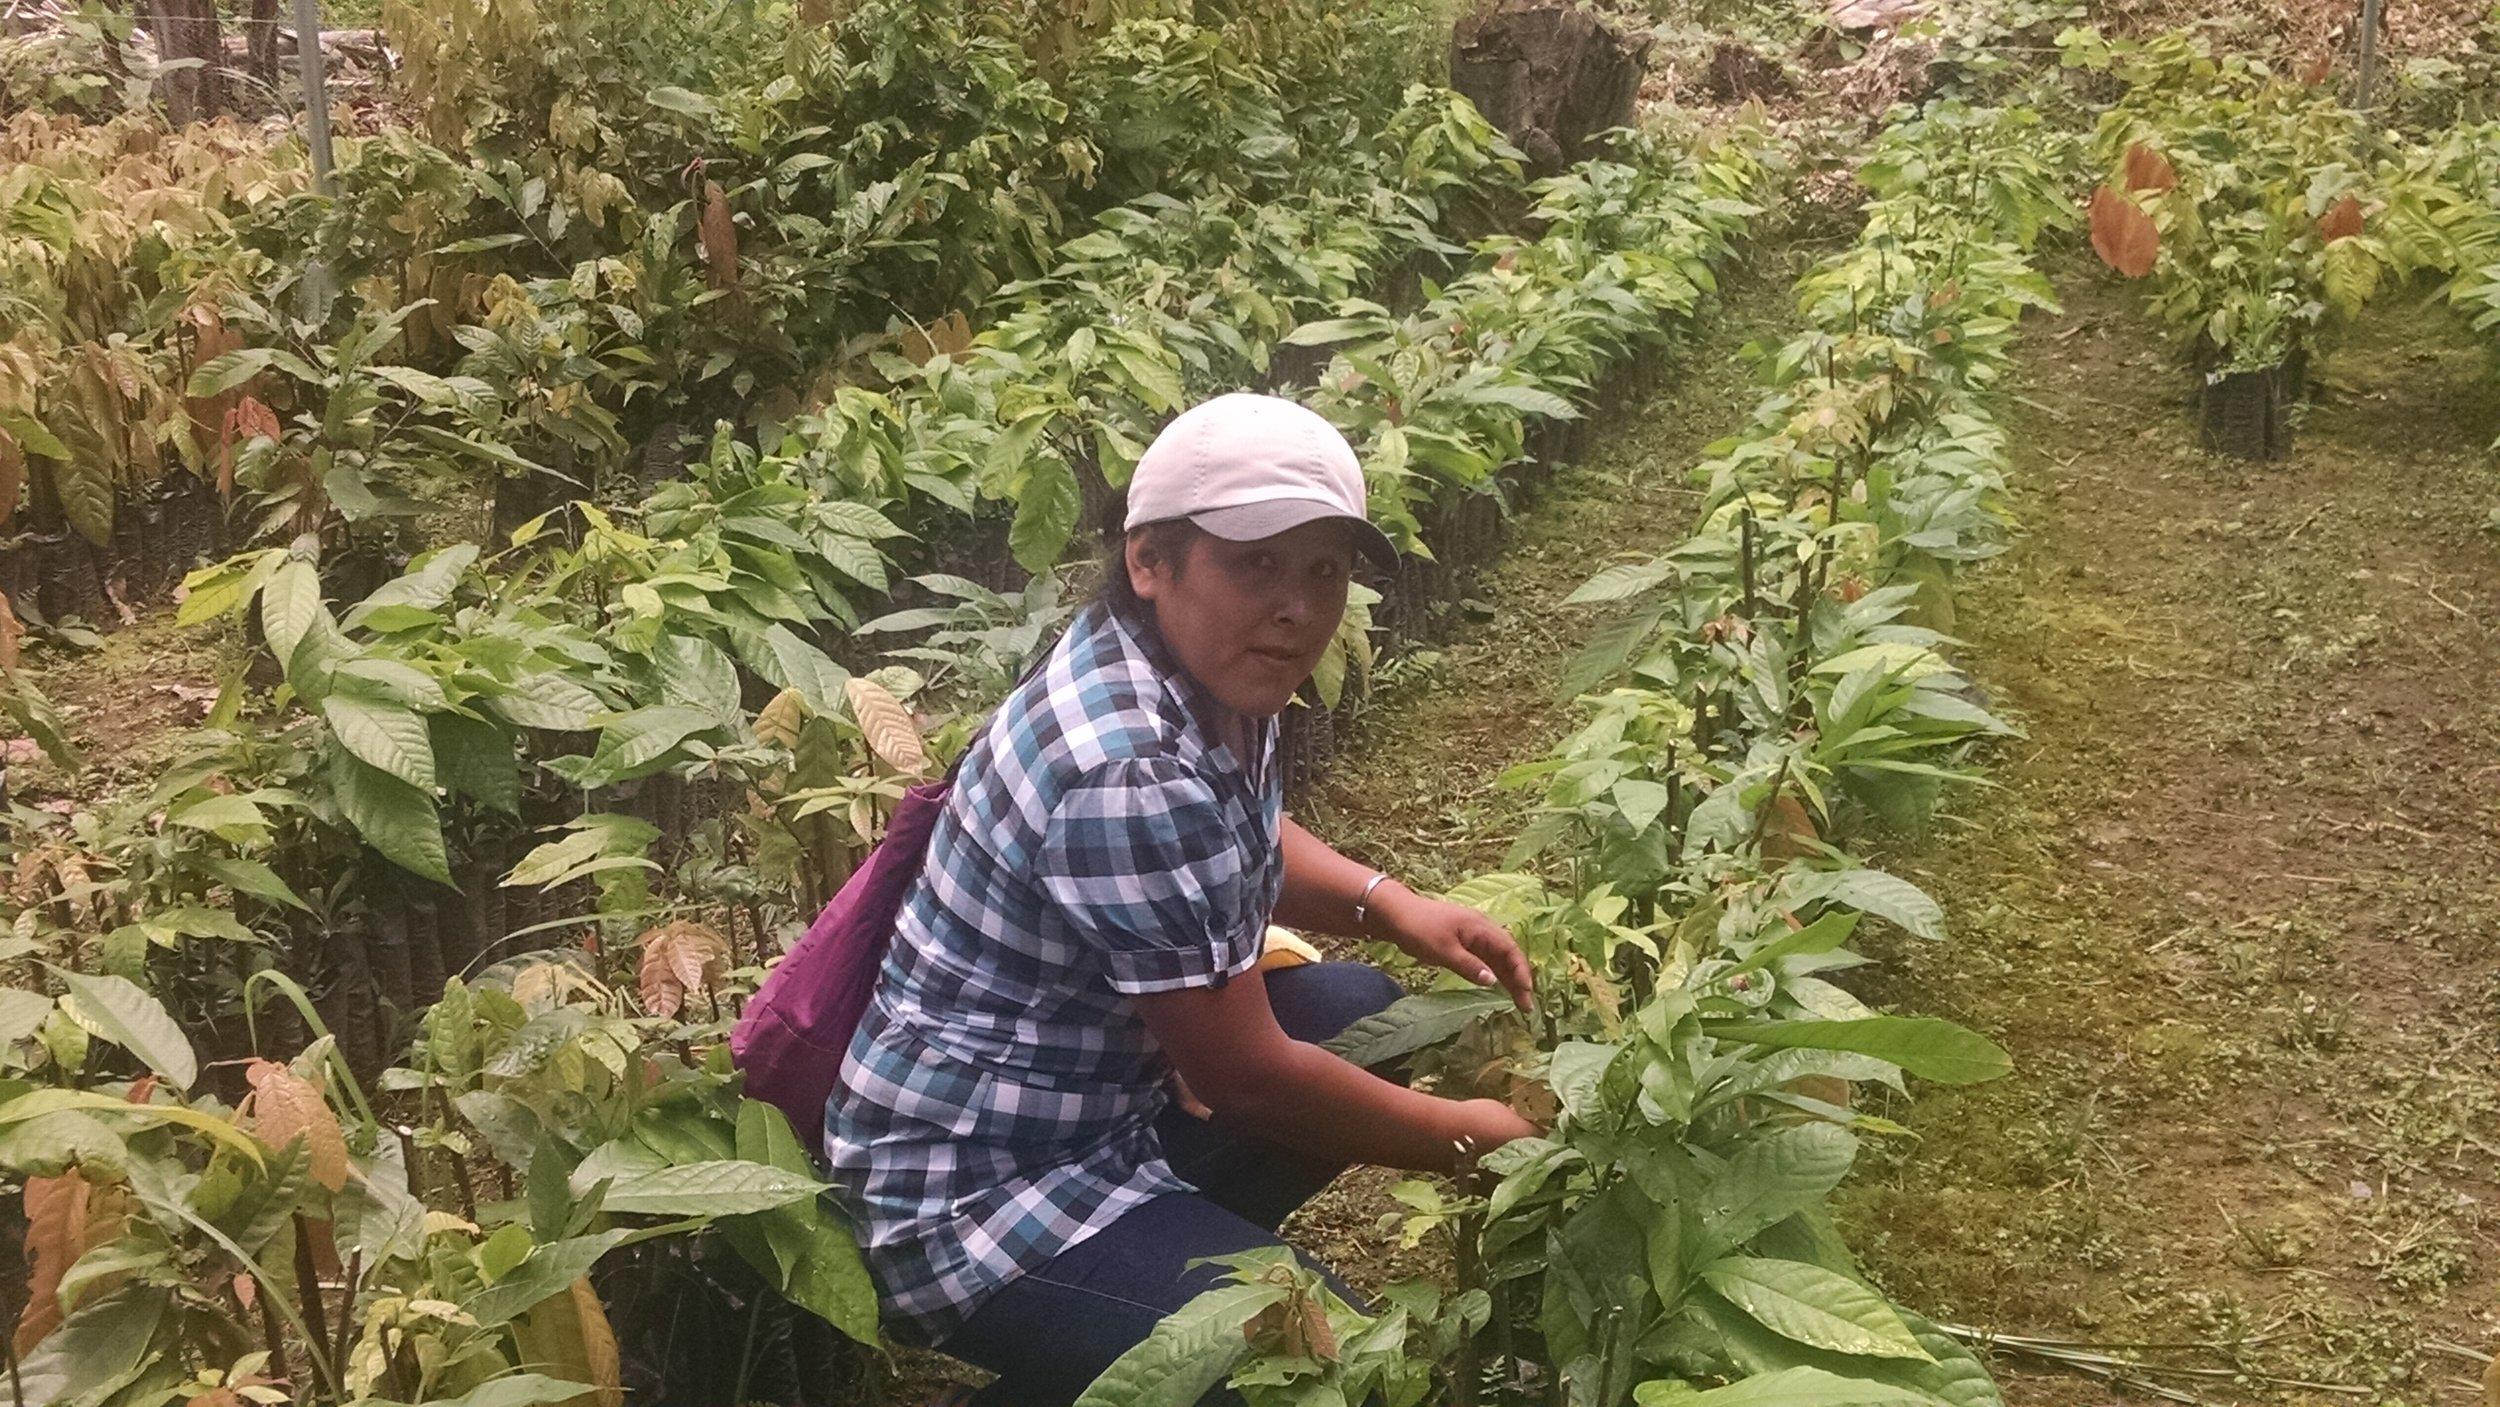 Meri inspecting seedlings